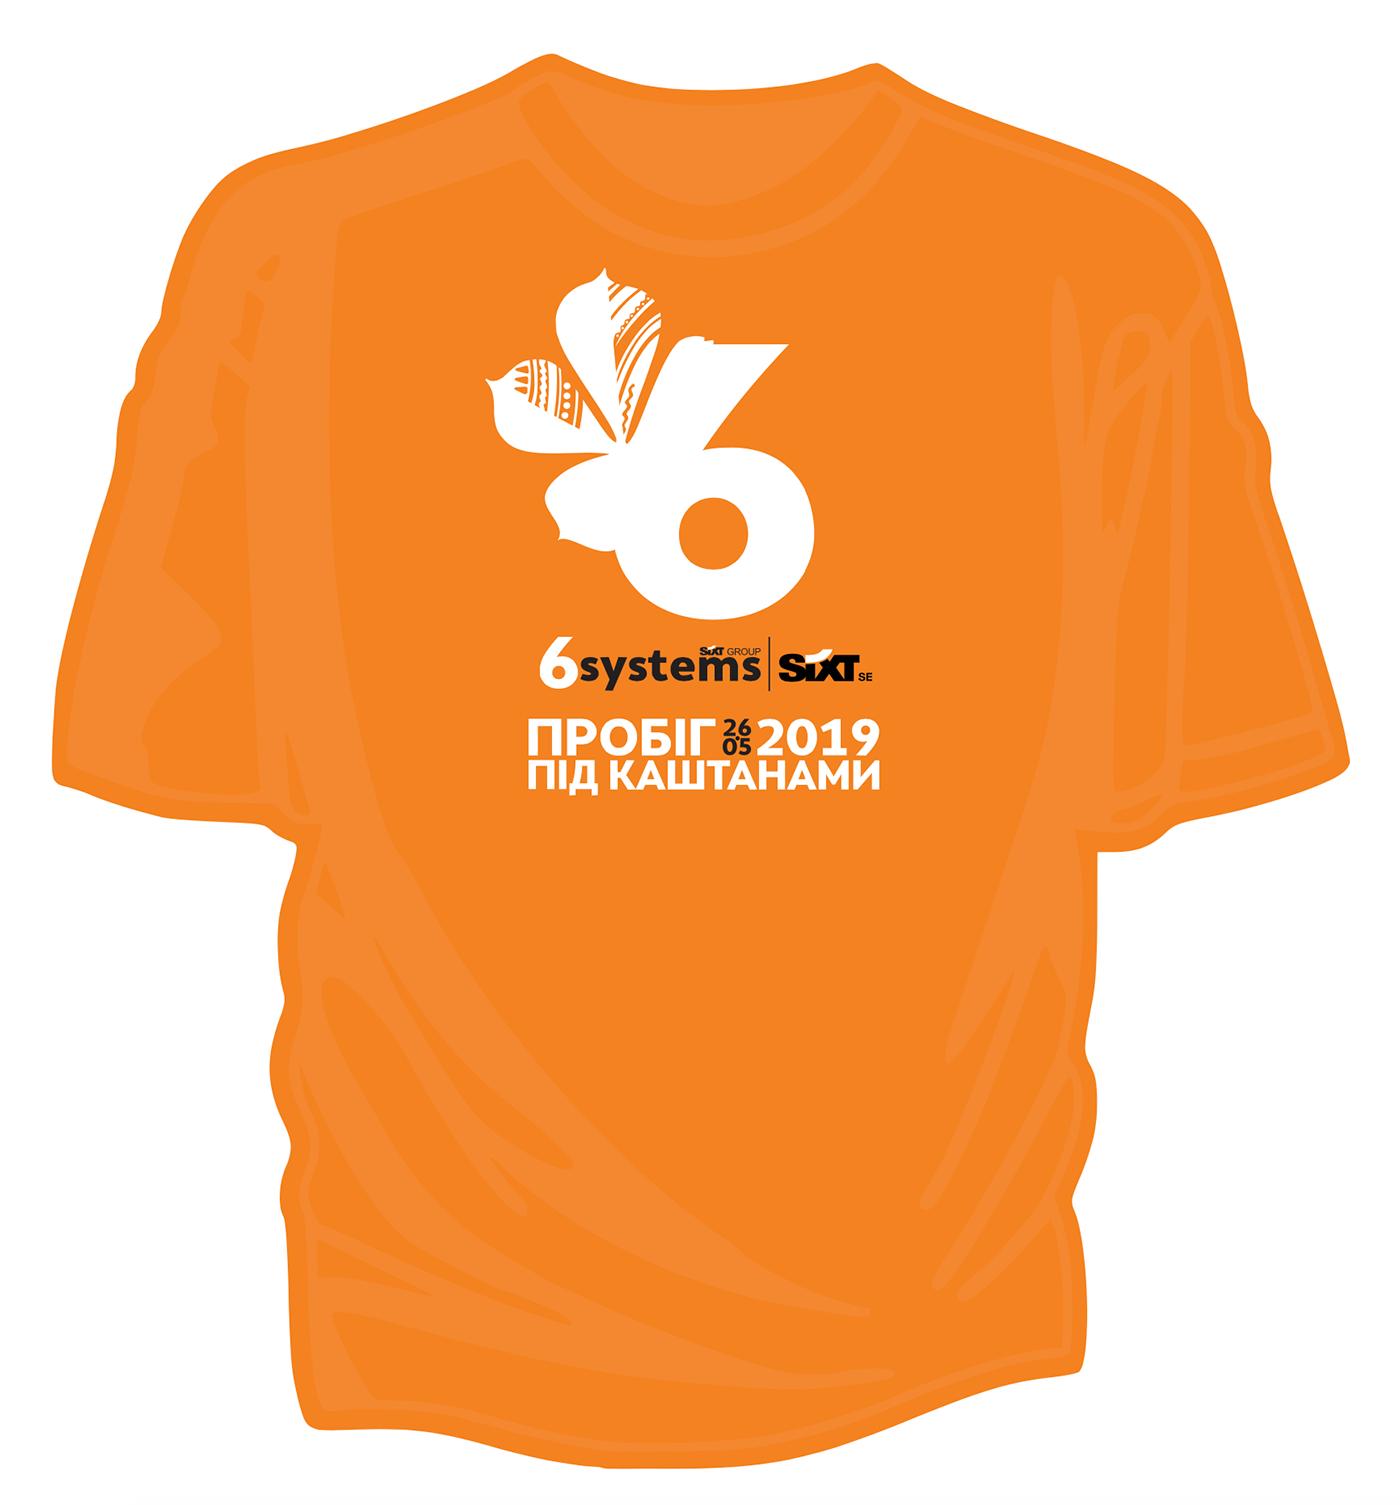 Image may contain: shirt, active shirt and t-shirt